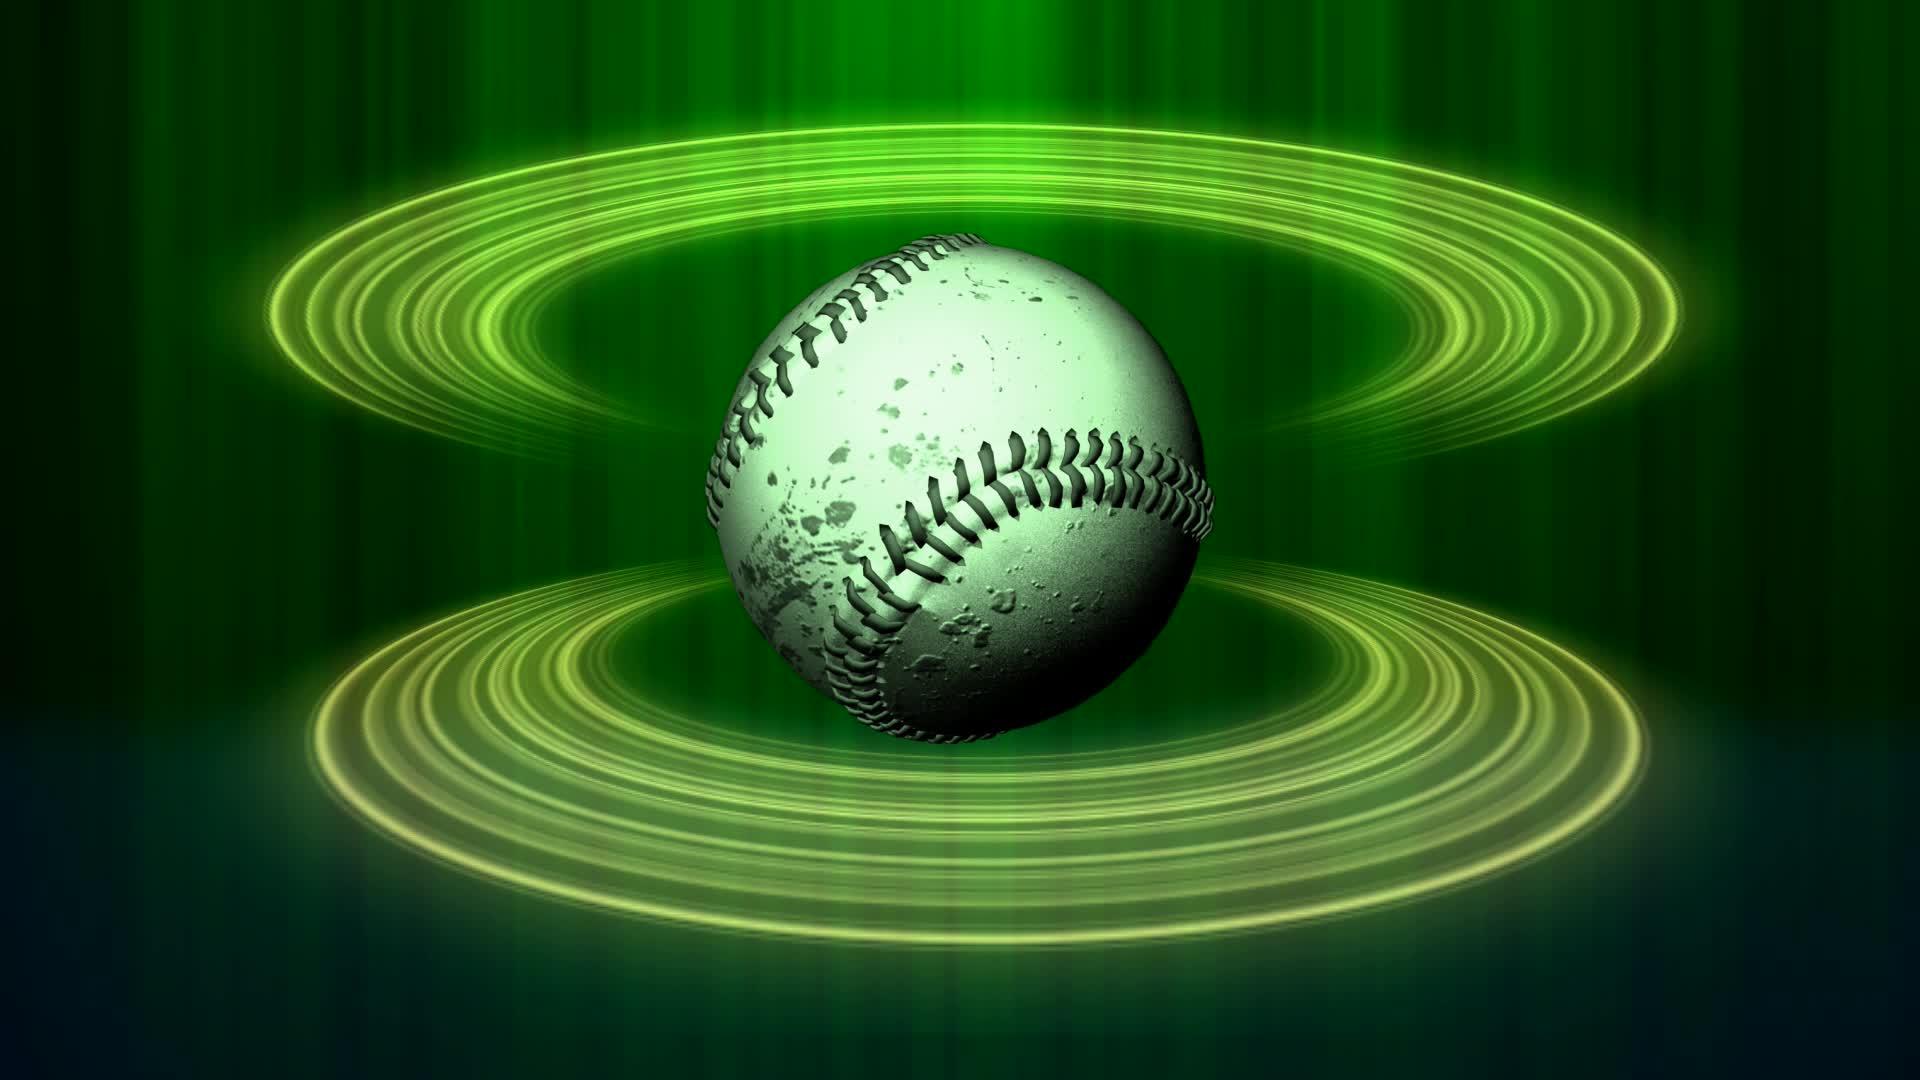 Mira dibujos animados gratis Spinning Baseball Green Halos Close Up